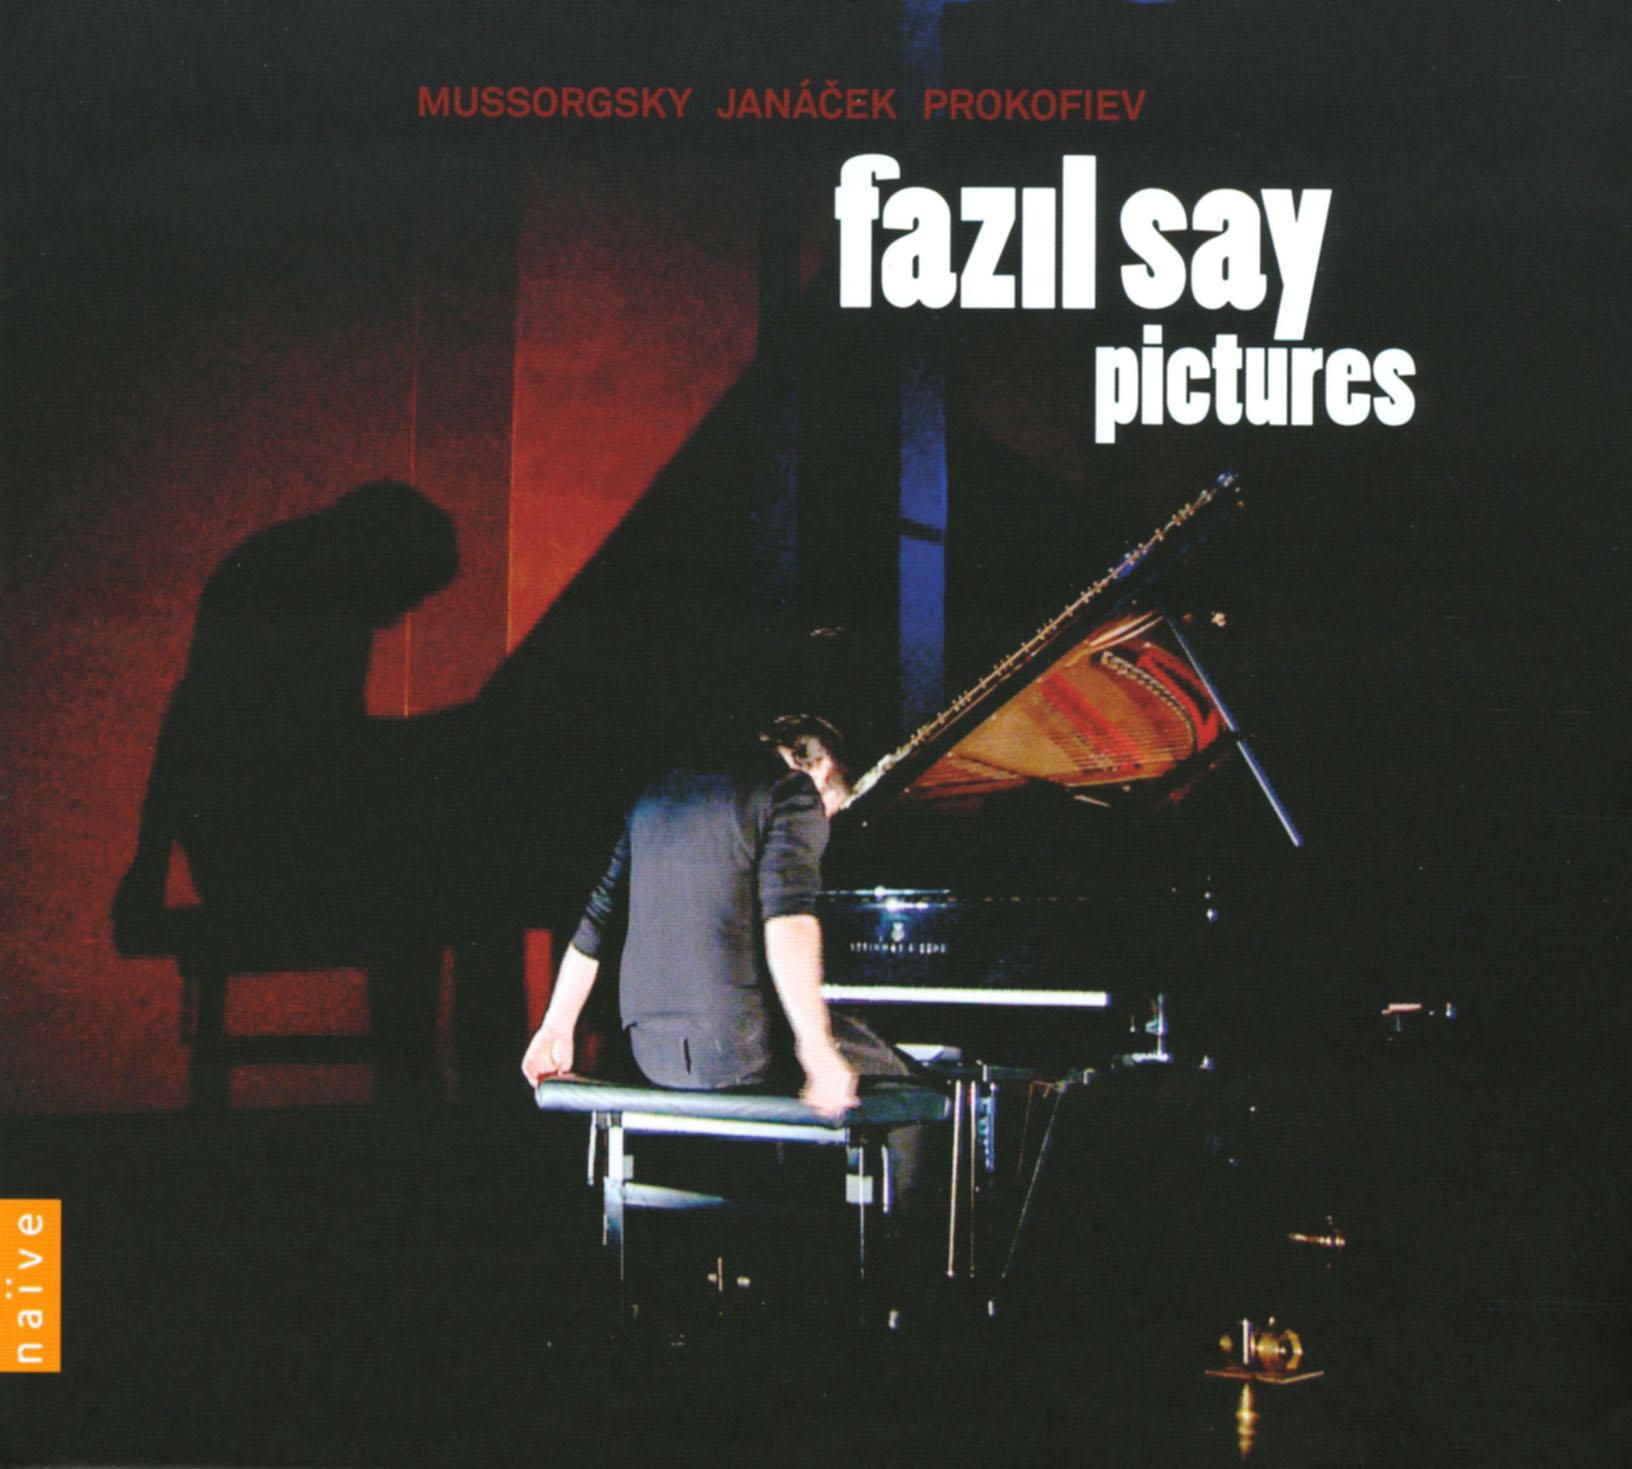 Fazil Say: Pictures - Mussorgsky/Janácek/Prokofiev